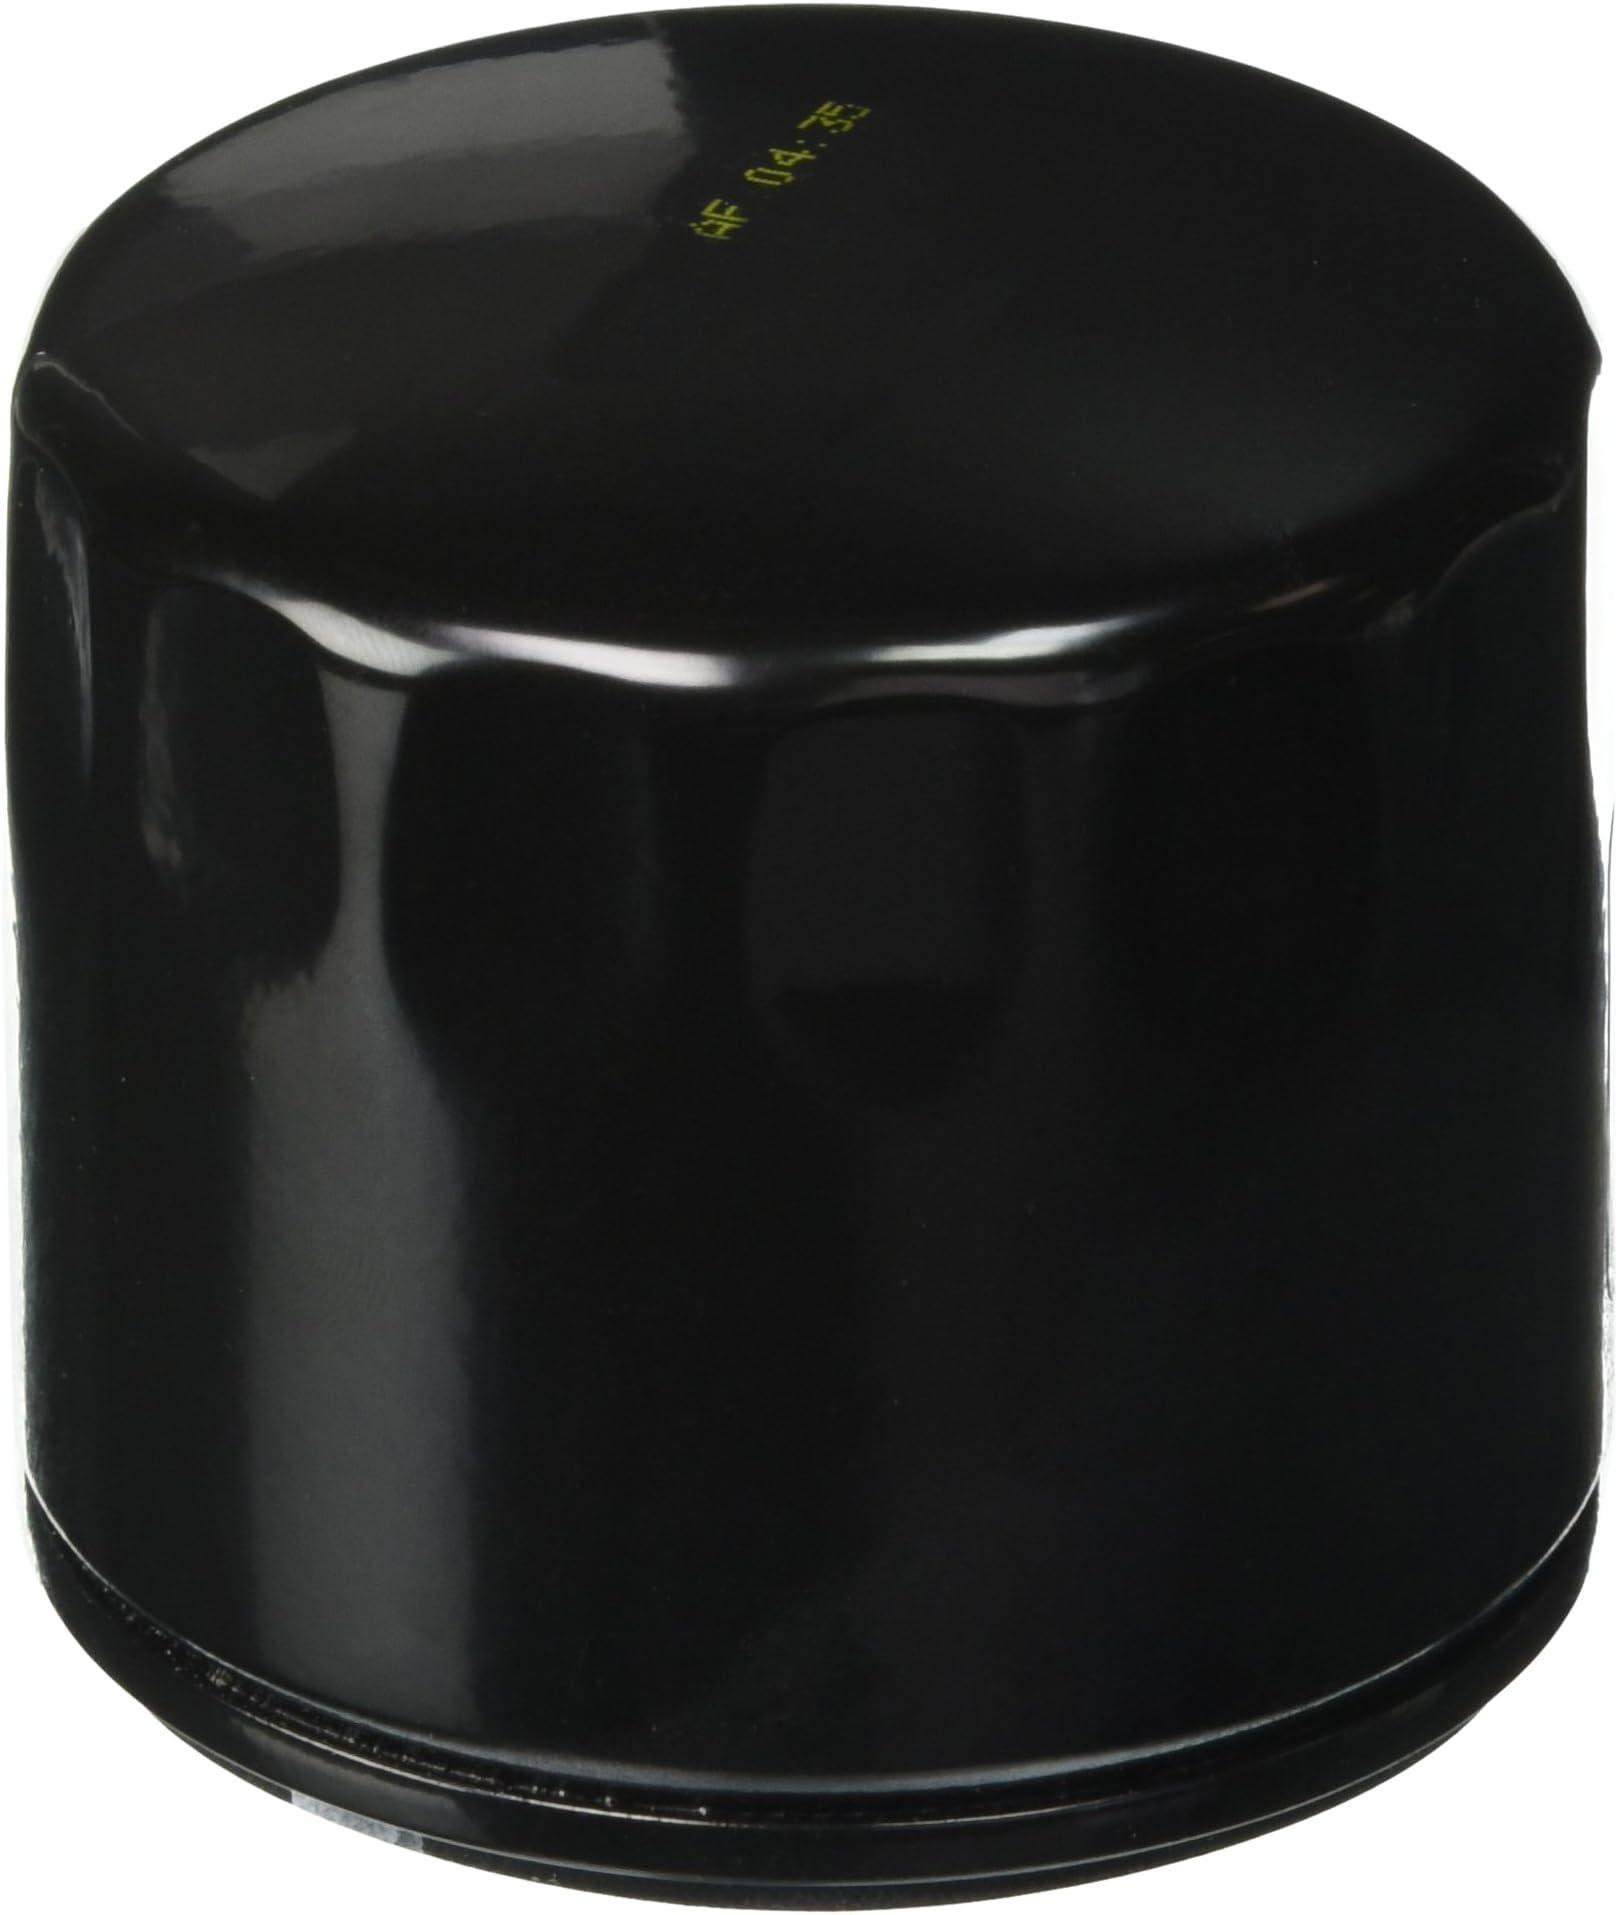 Stens 055-105 Kohler 12 050 01-S Oil Filter